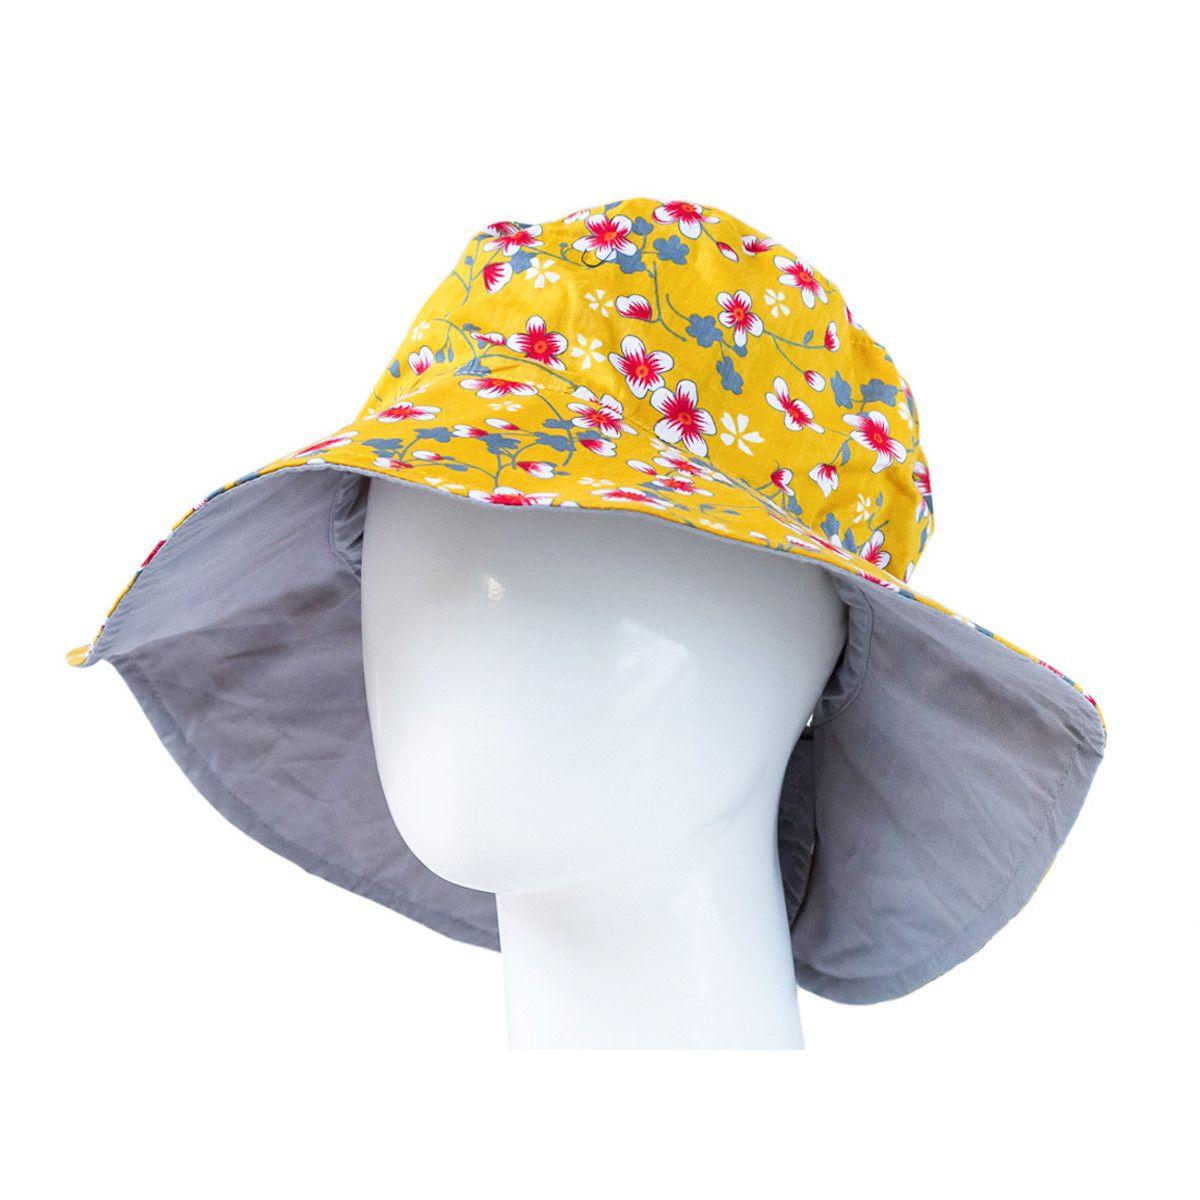 Chapeau capeline coton adulte réversible gris perle et jaune moutarde fleurs de cerisiers